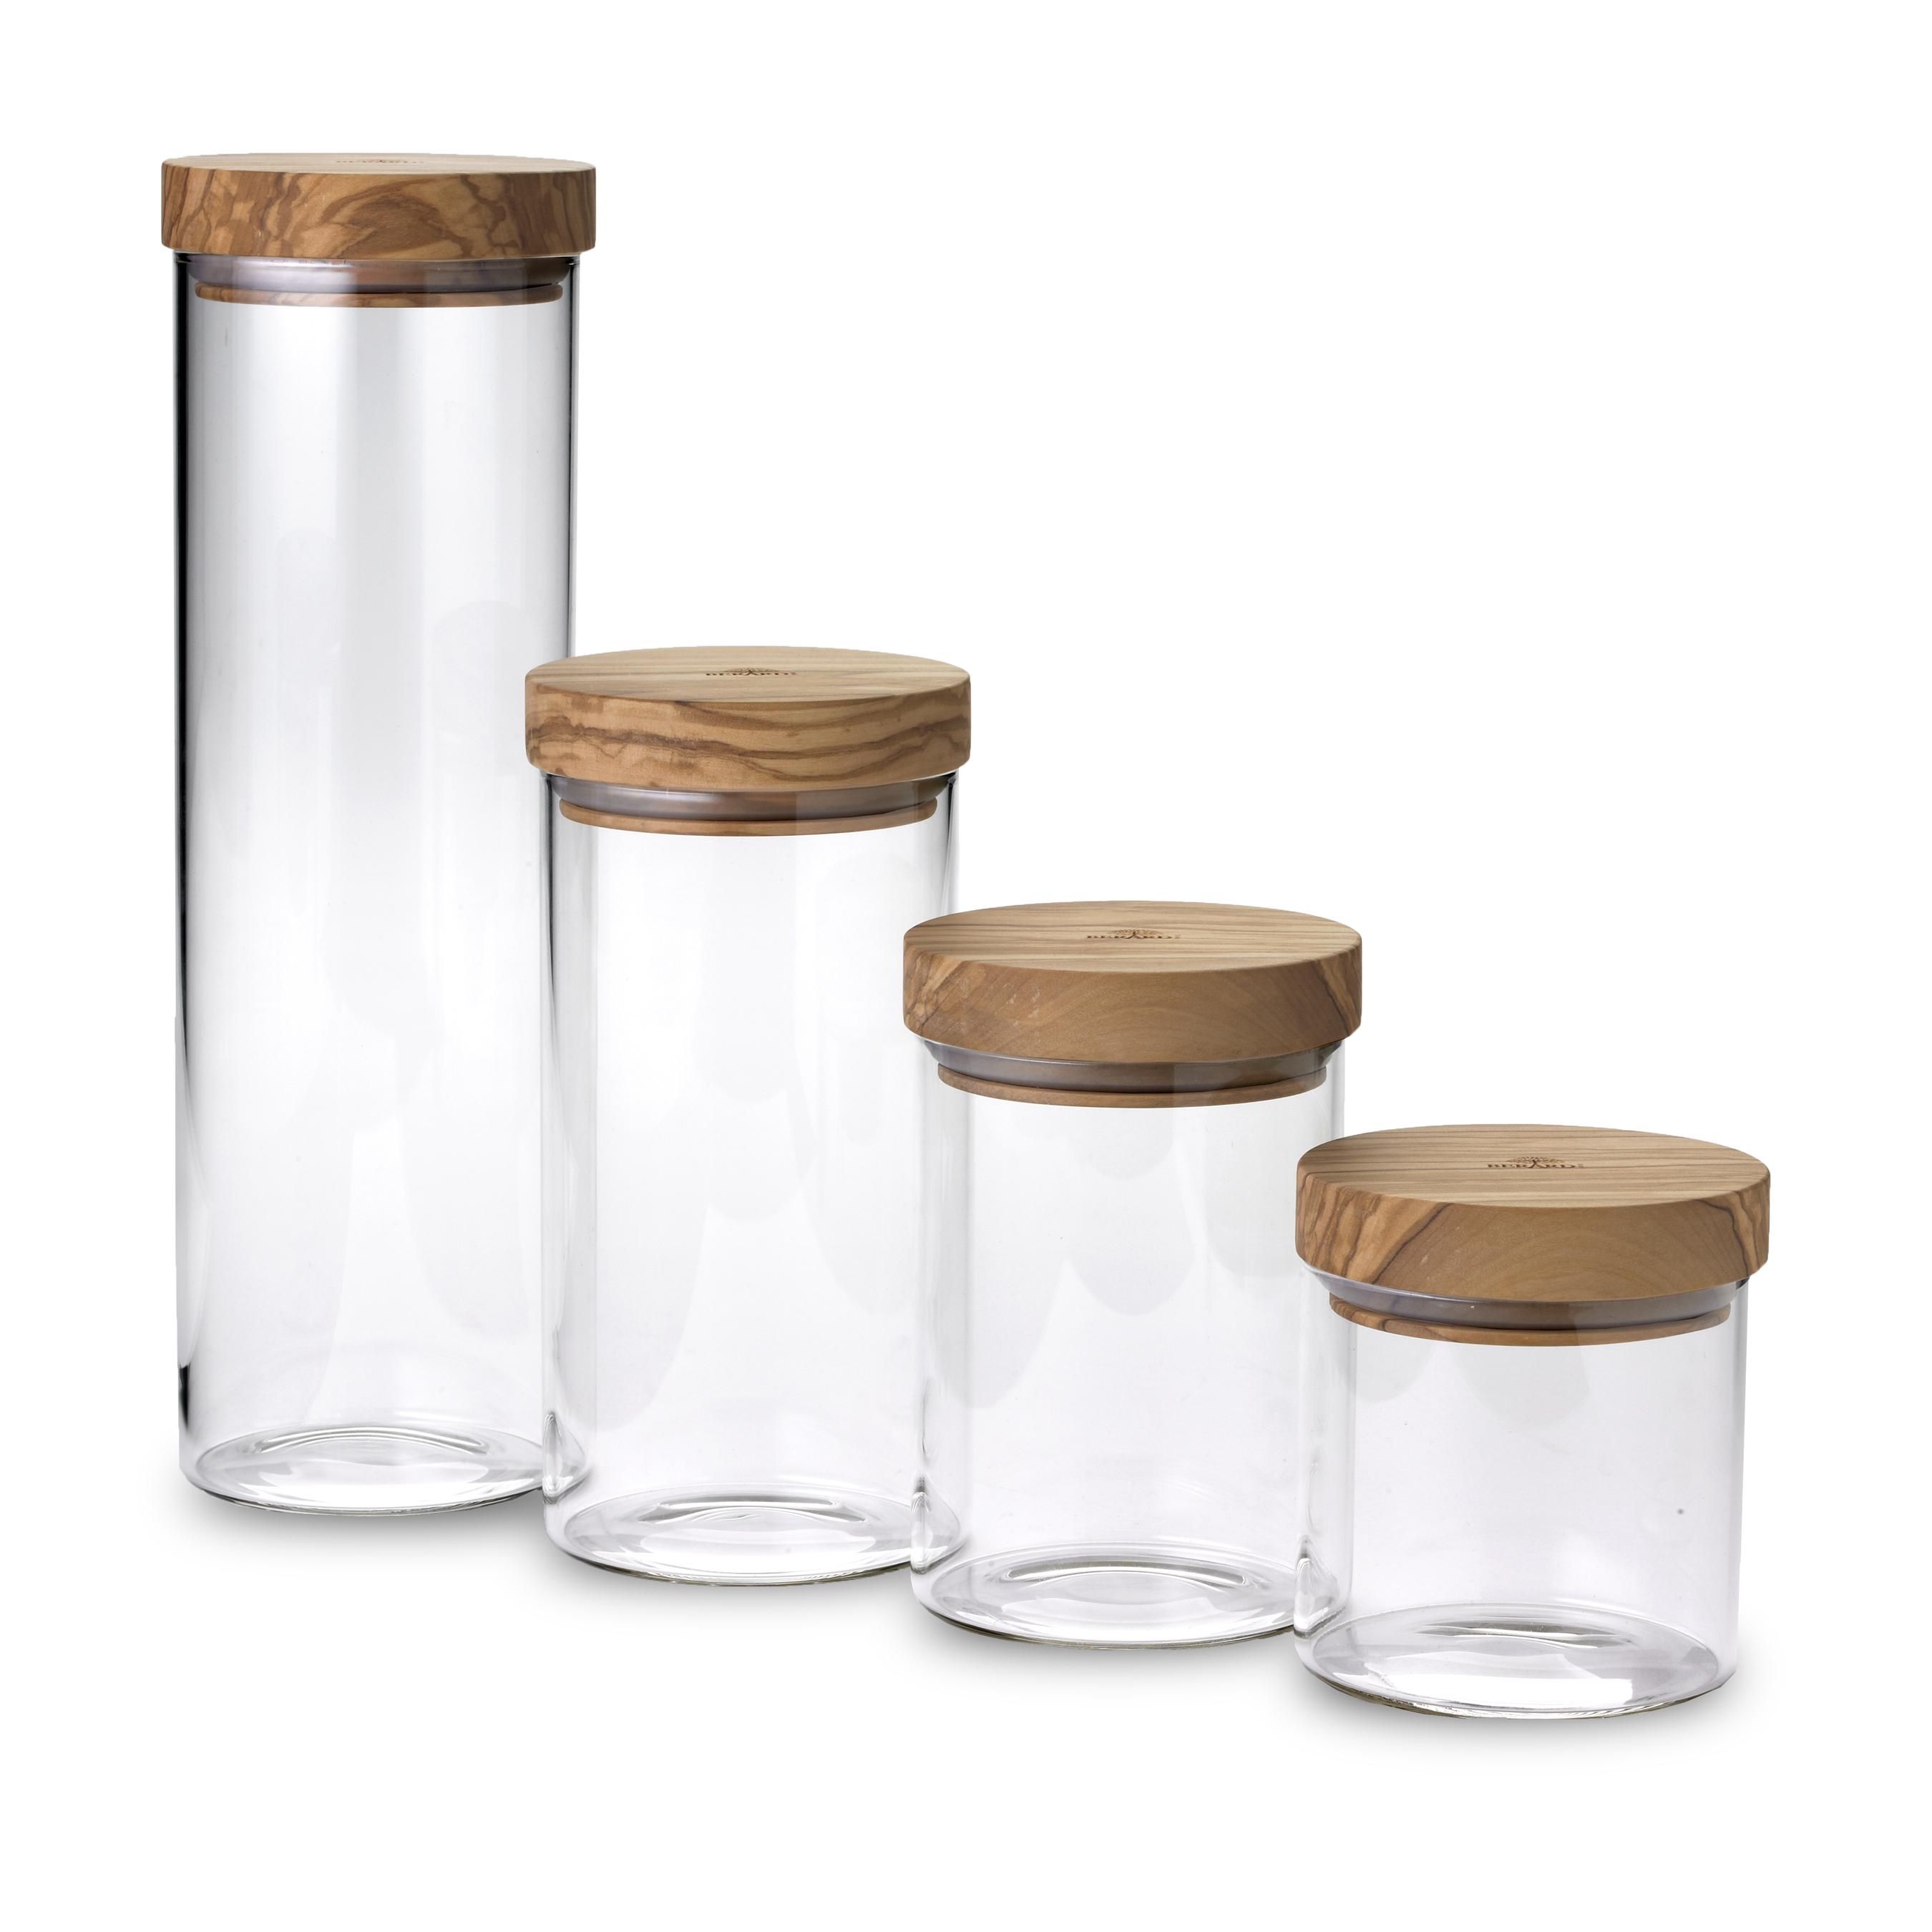 berard glass jar with olive wood lid set of 4. Black Bedroom Furniture Sets. Home Design Ideas